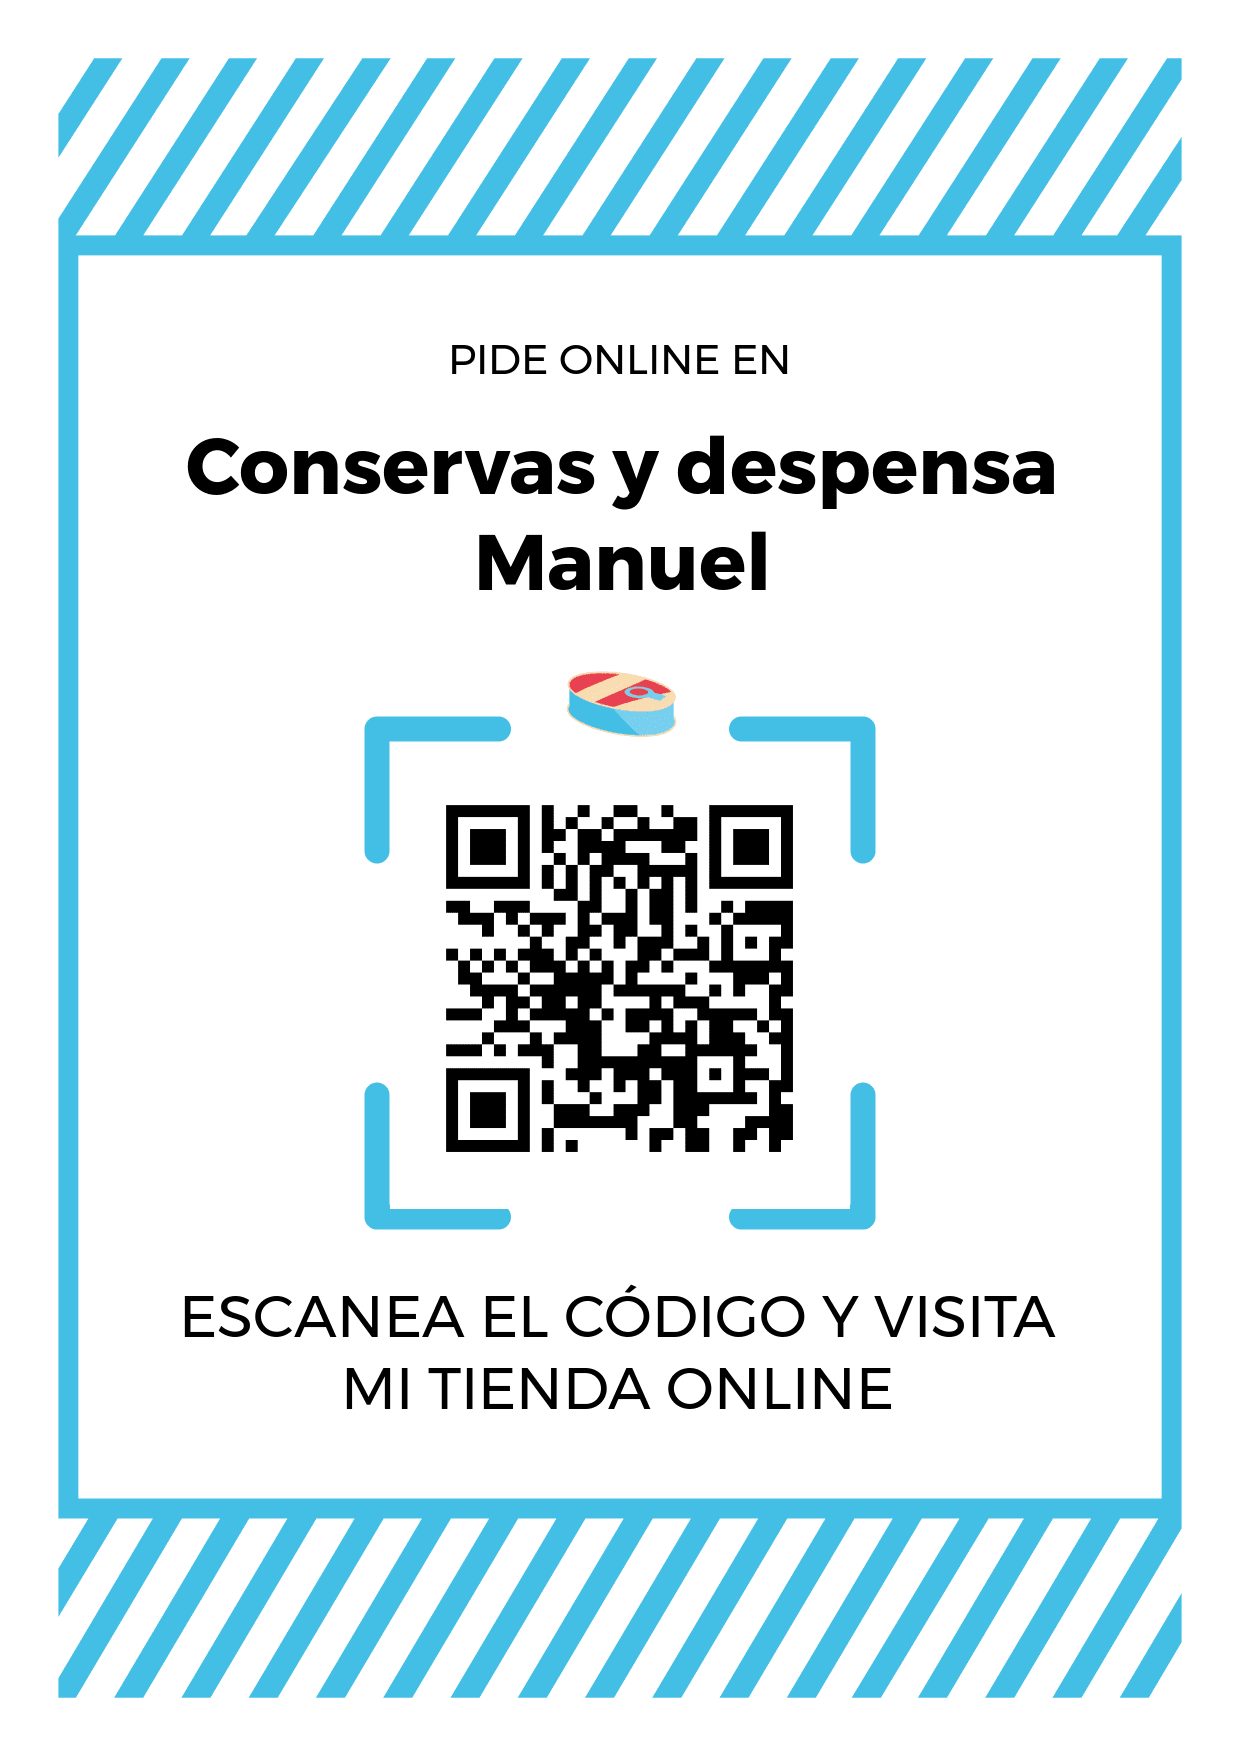 Cartel Póster de Código QR para tienda de Conservas y despensa